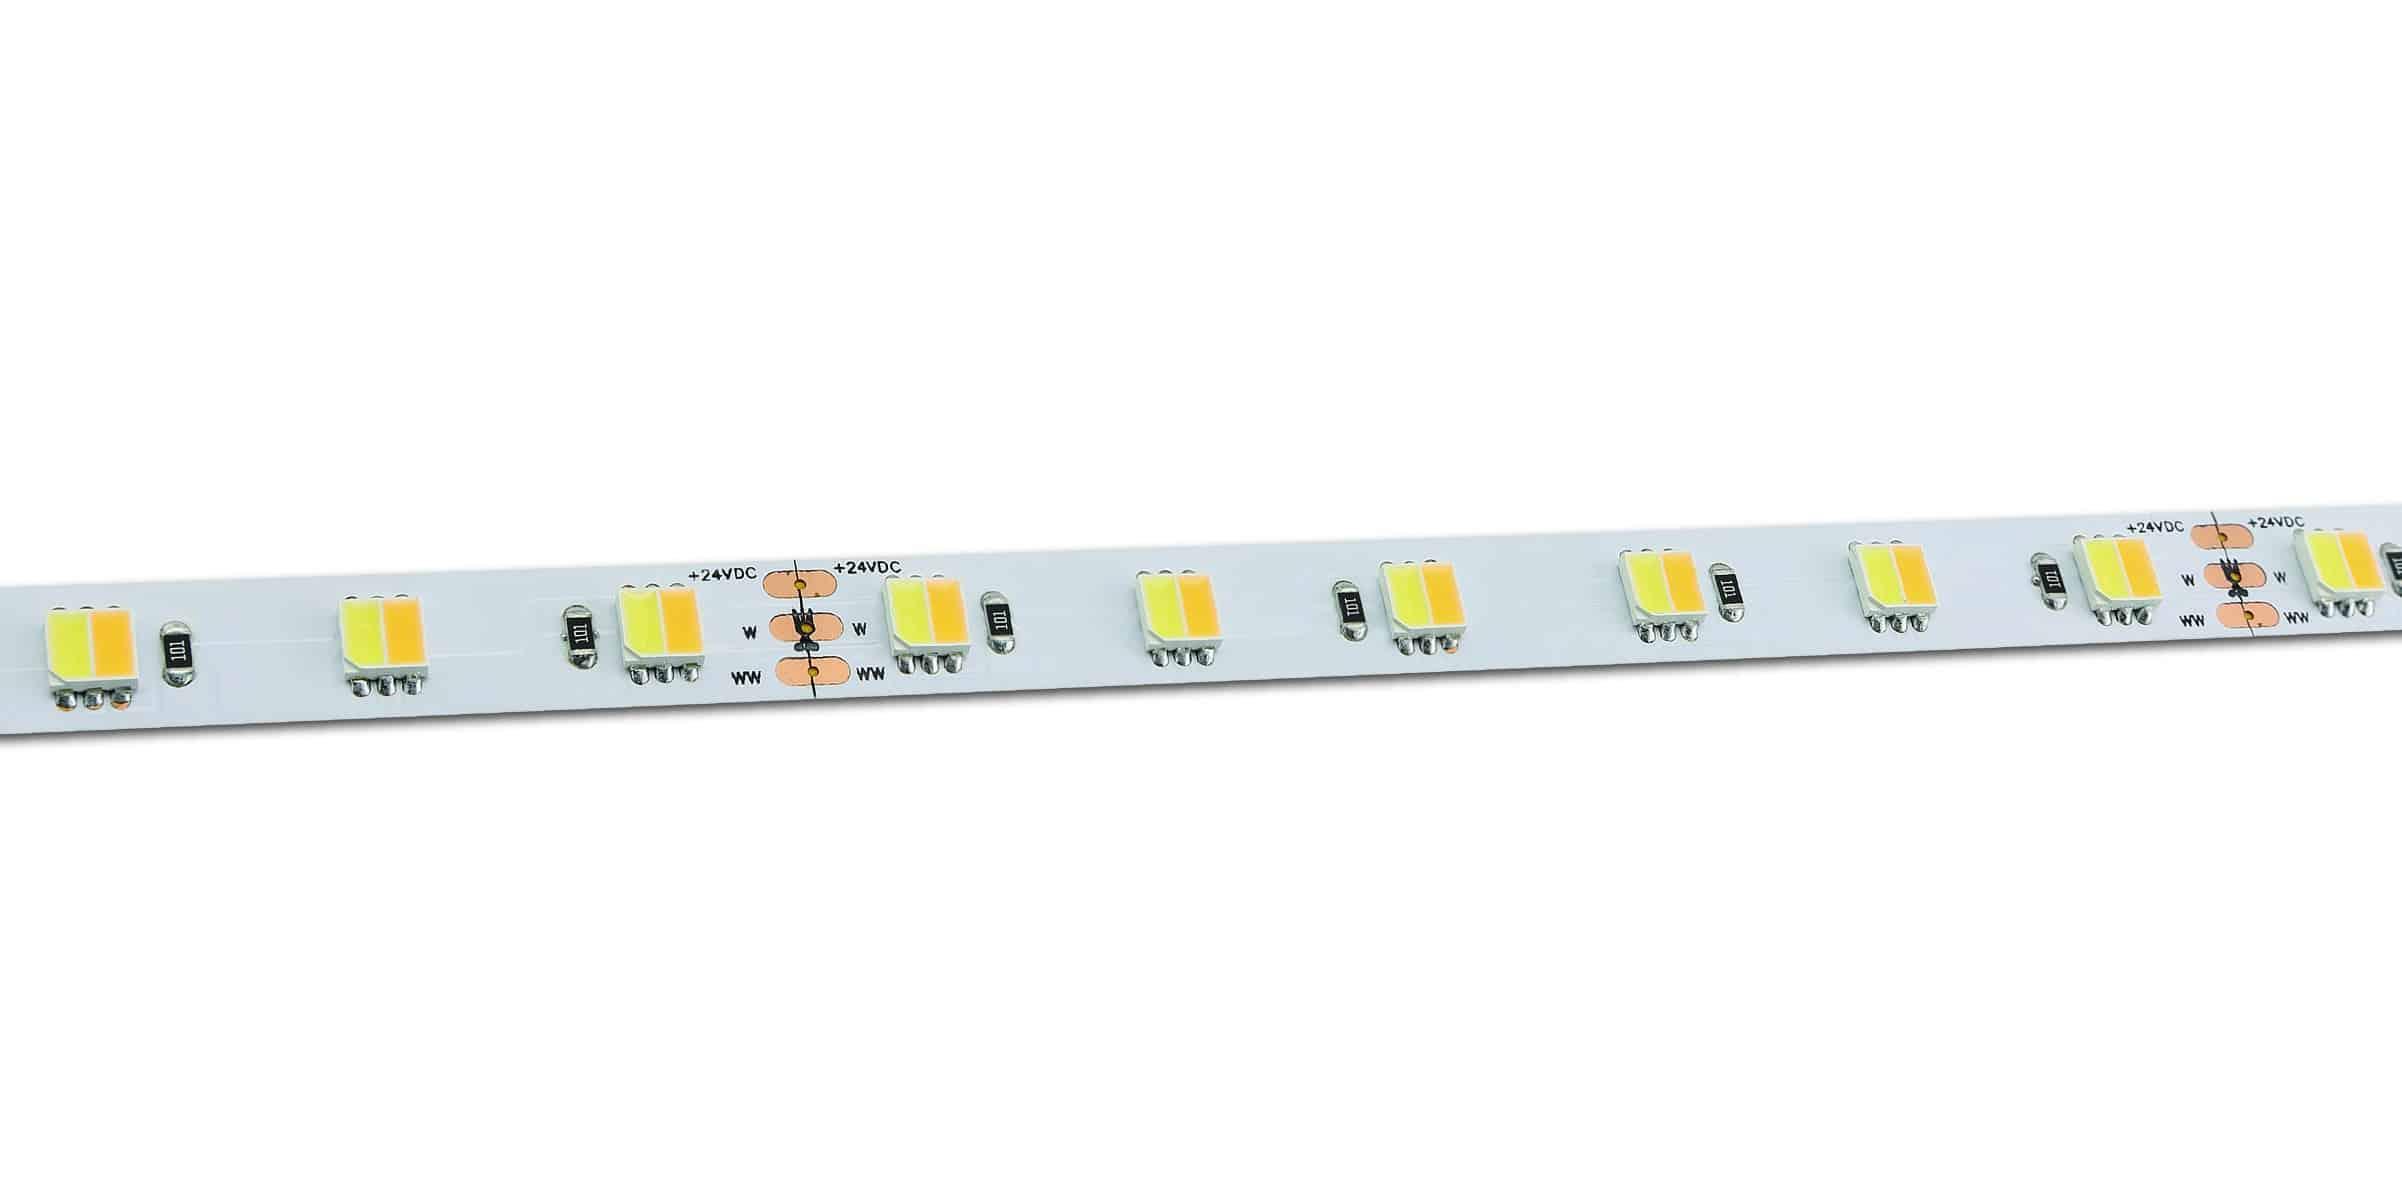 Warm White to White LED Tape Strip Light